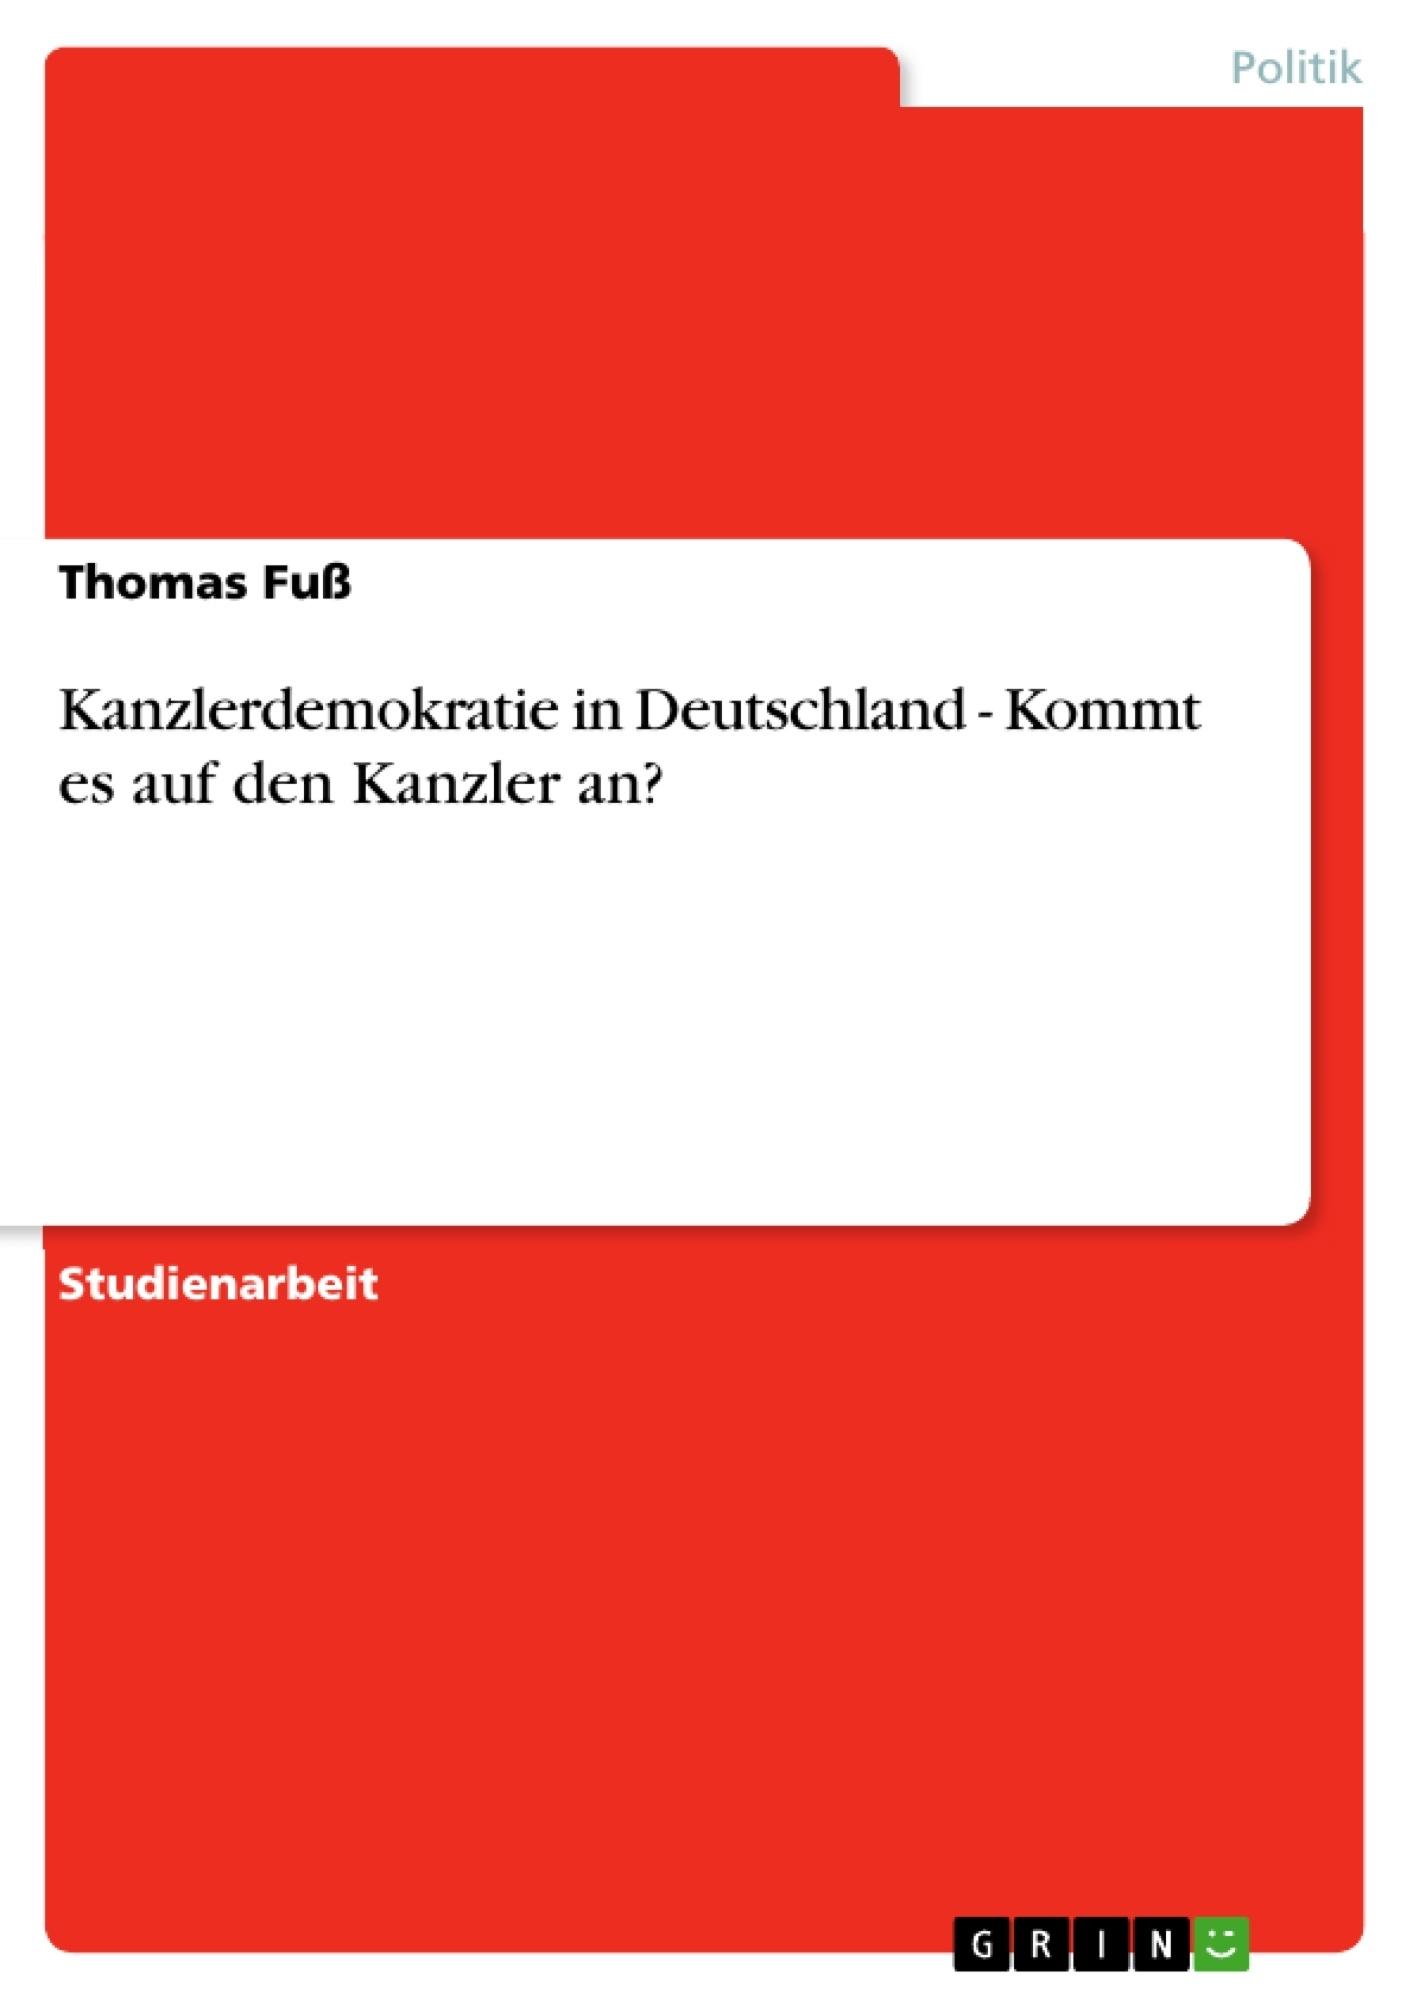 Titel: Kanzlerdemokratie in Deutschland - Kommt es auf den Kanzler an?